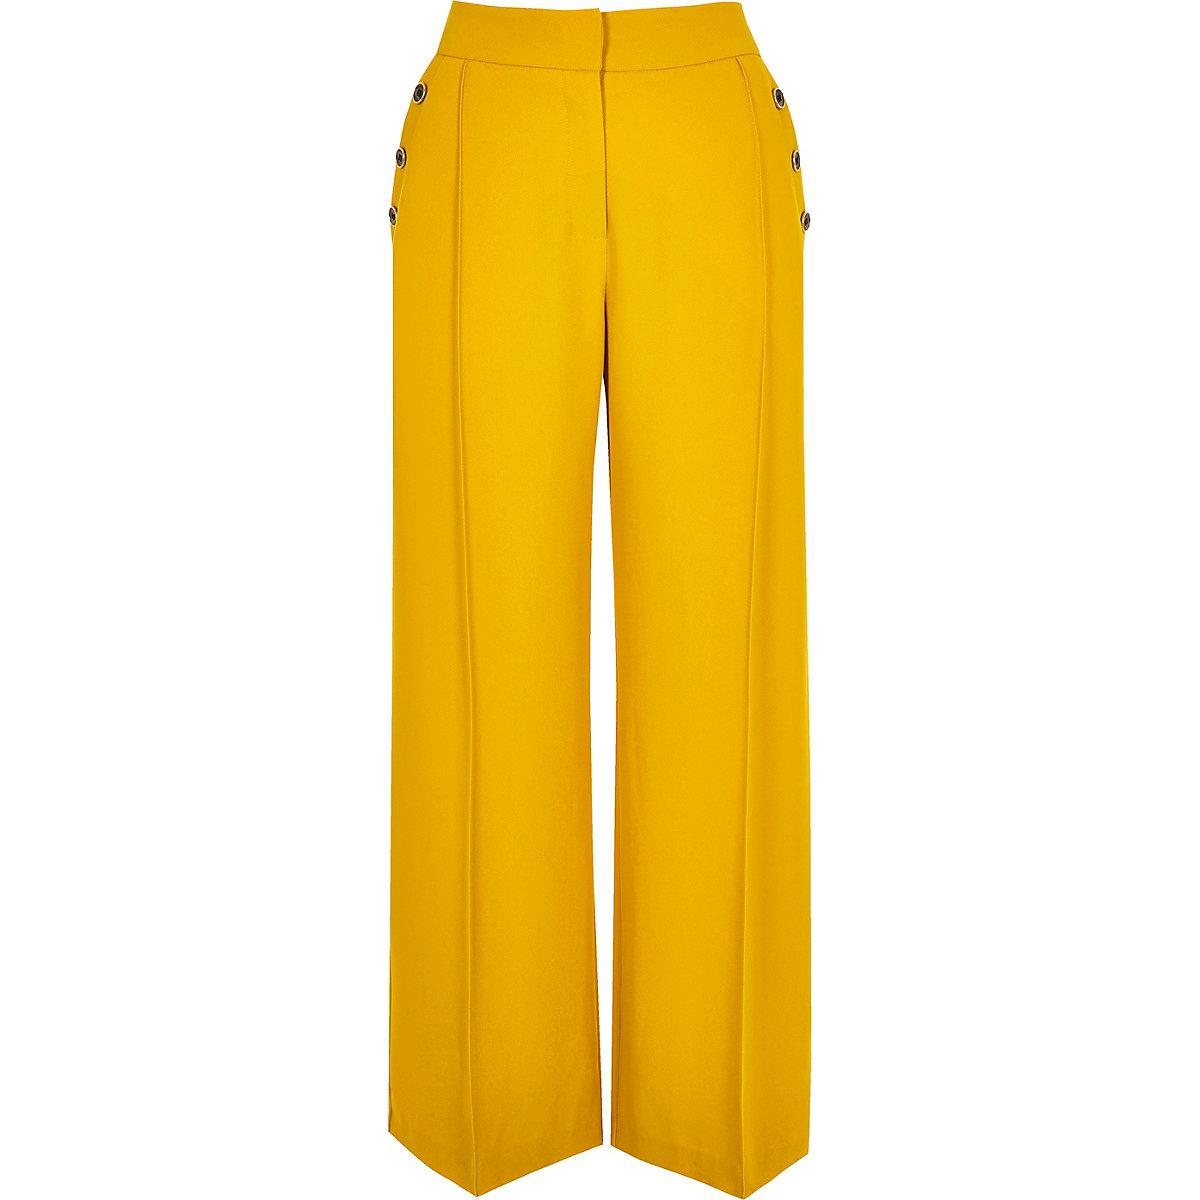 Petite yellow button wide leg pants